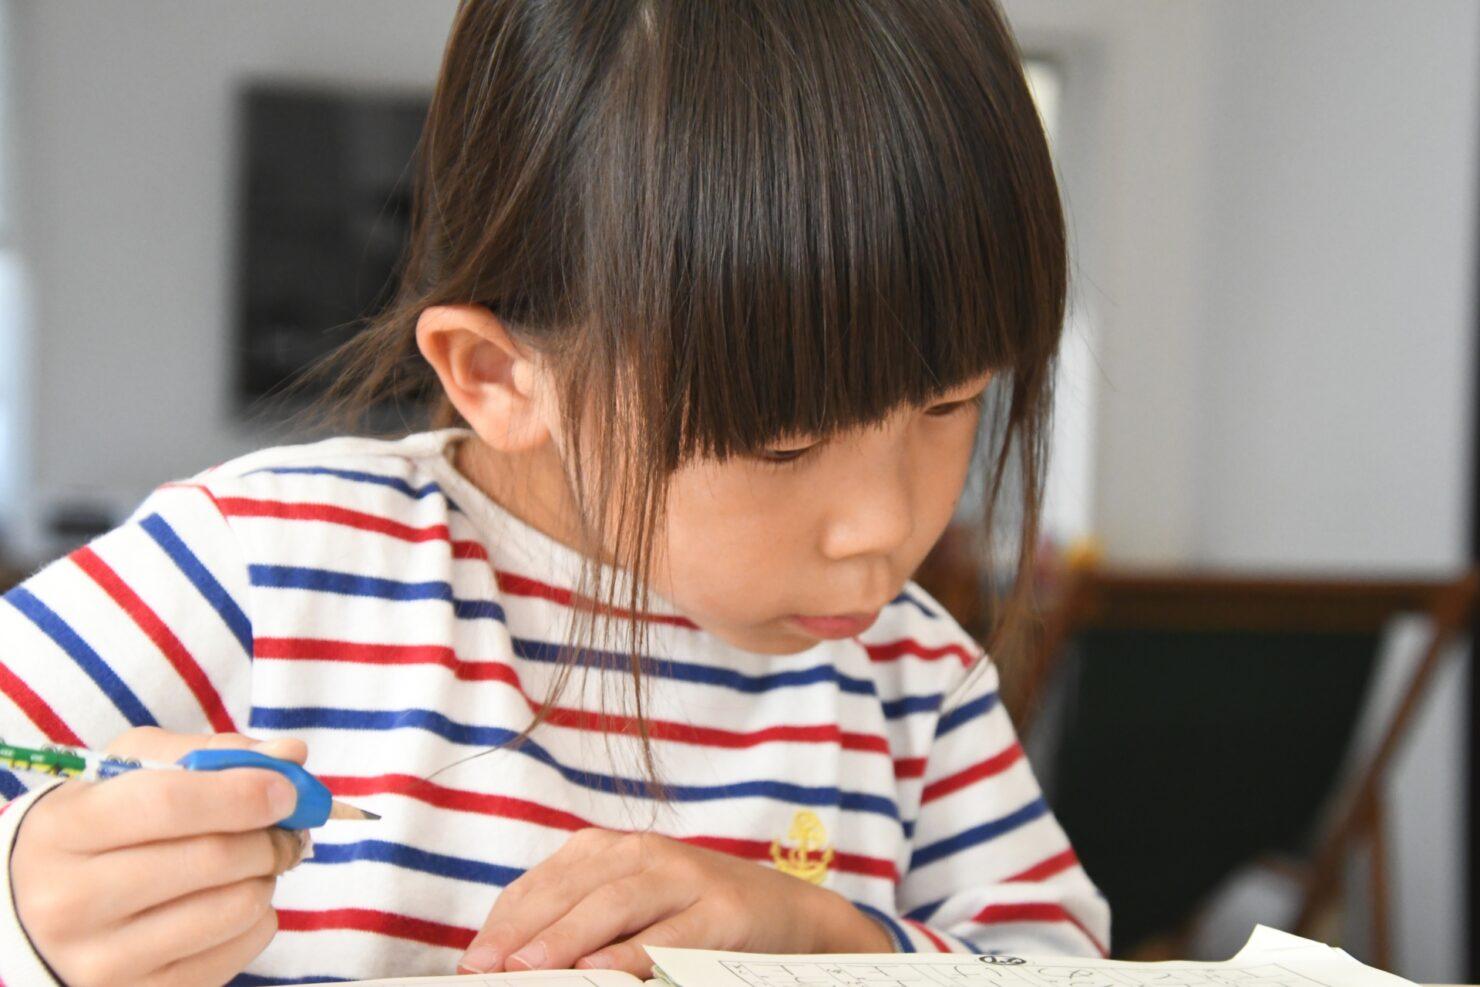 子供の学びには幼児向け教材の活用がおすすめ